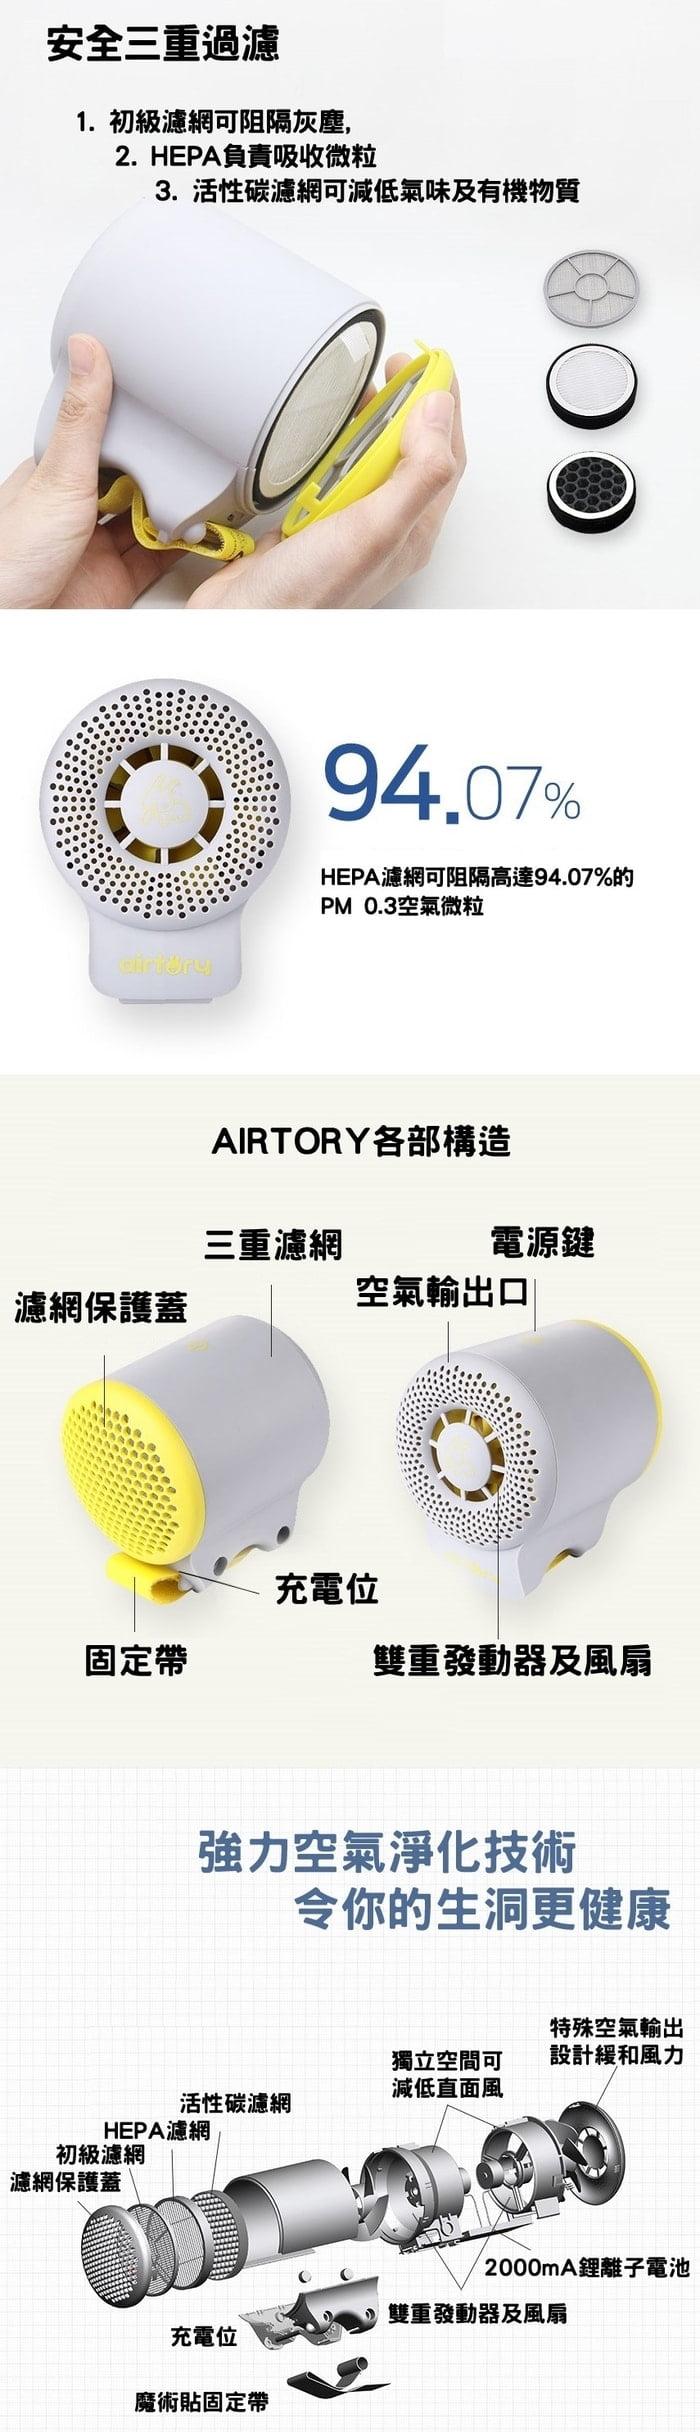 韓國 AIRTORY 便攜式 空氣淨化器16